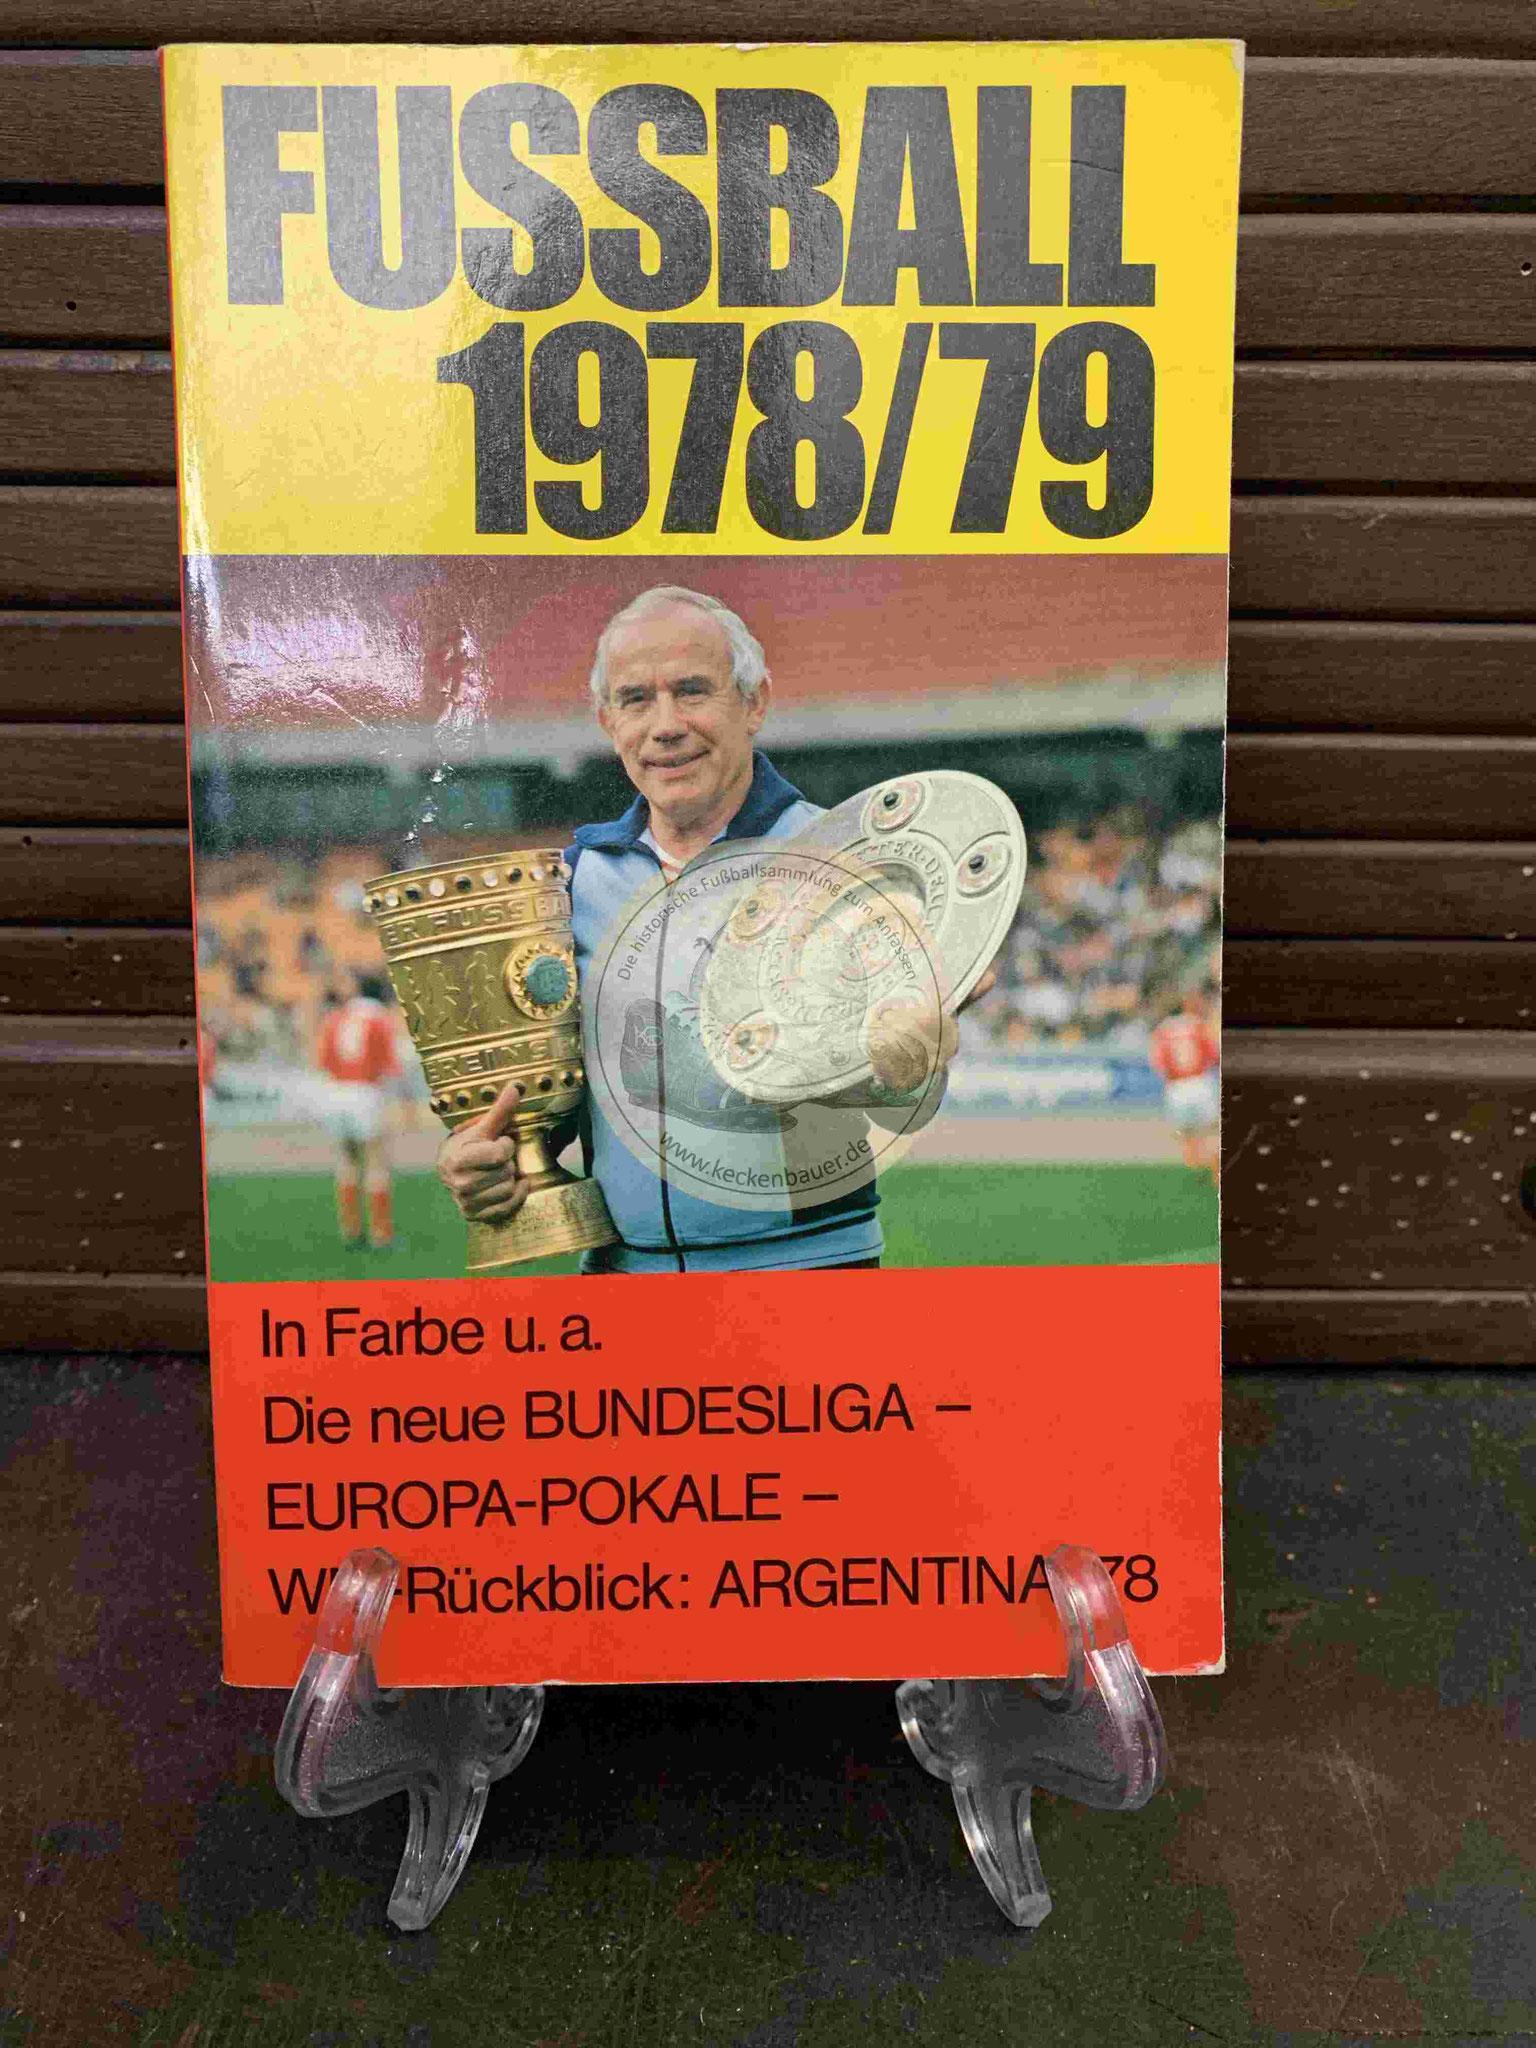 Fussball 1978/79